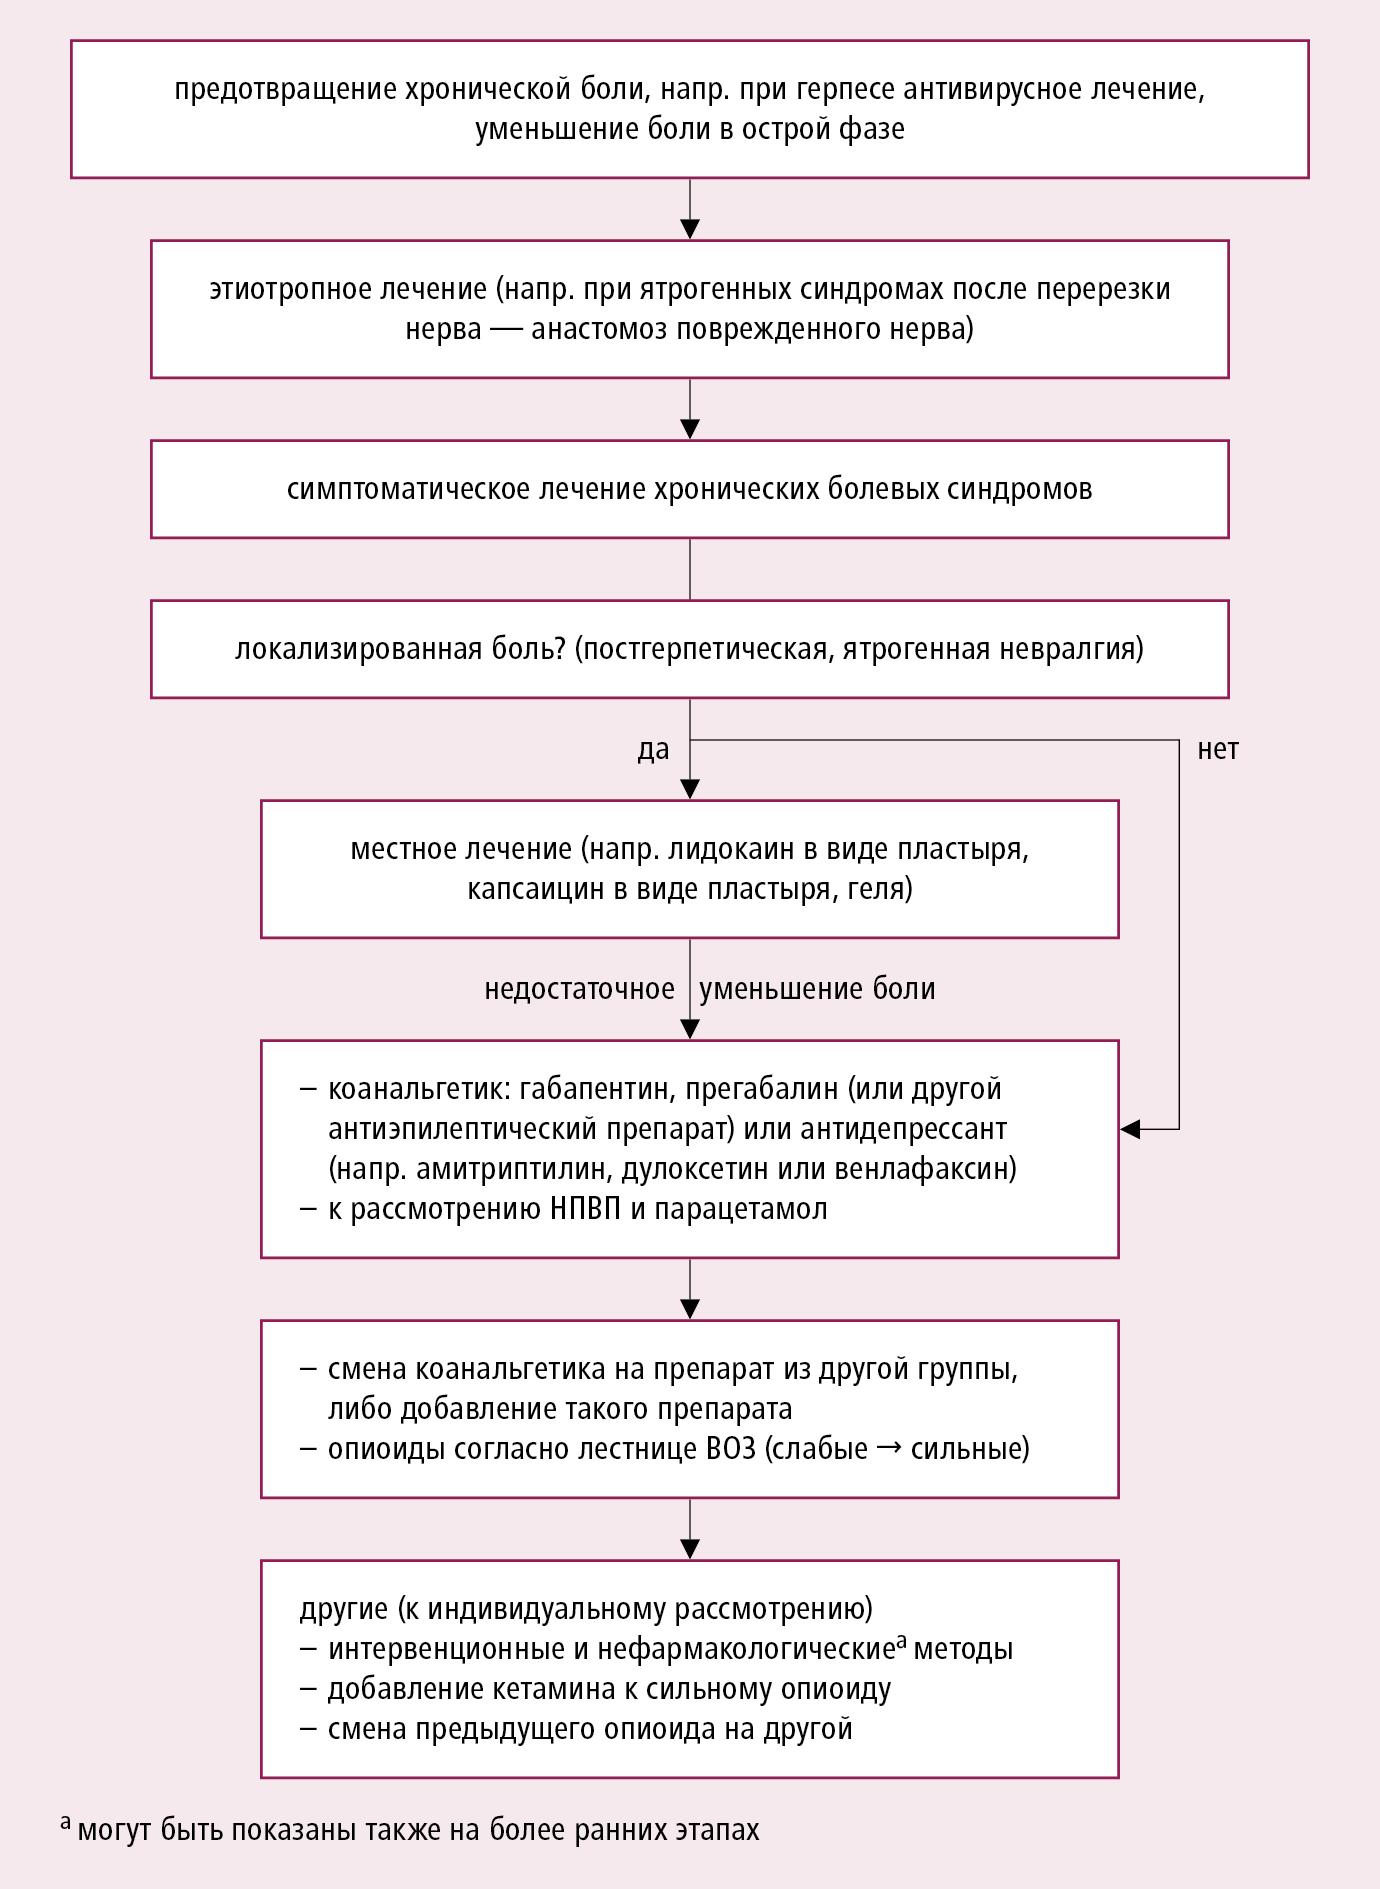 Алгоритм лечения «чистой» периферической нейропатической боли